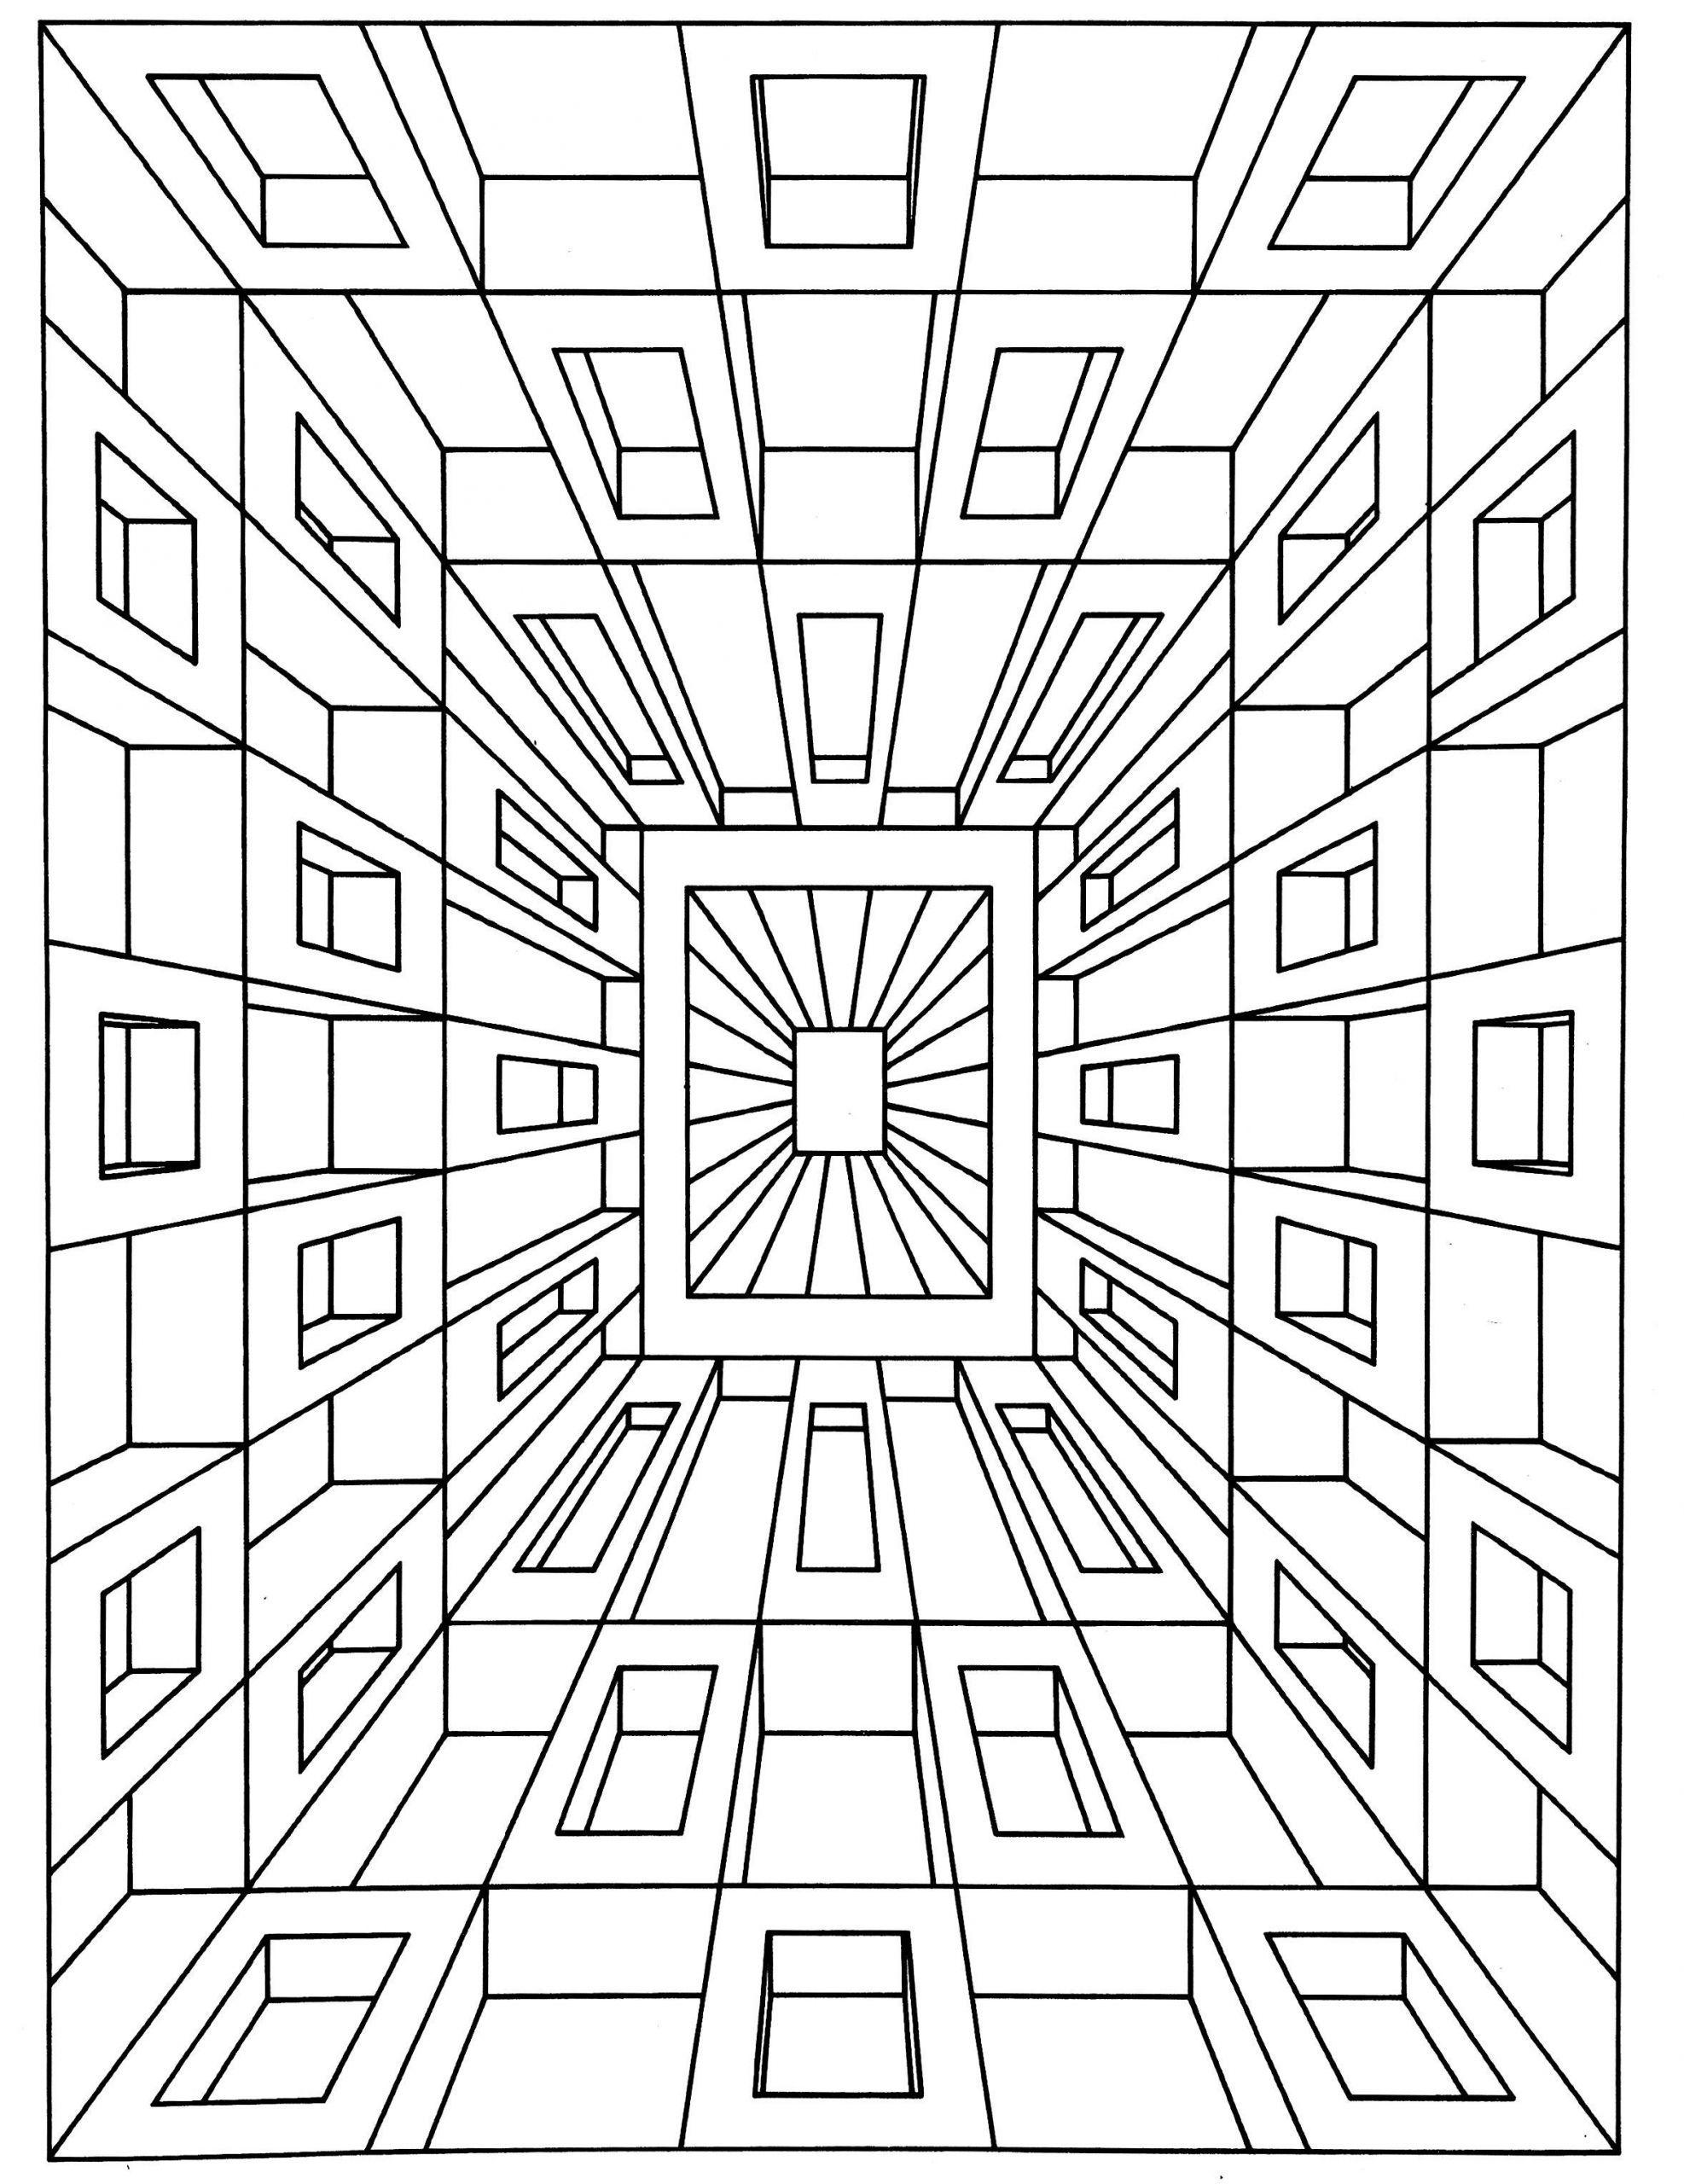 6 Worksheets Color Patterns In